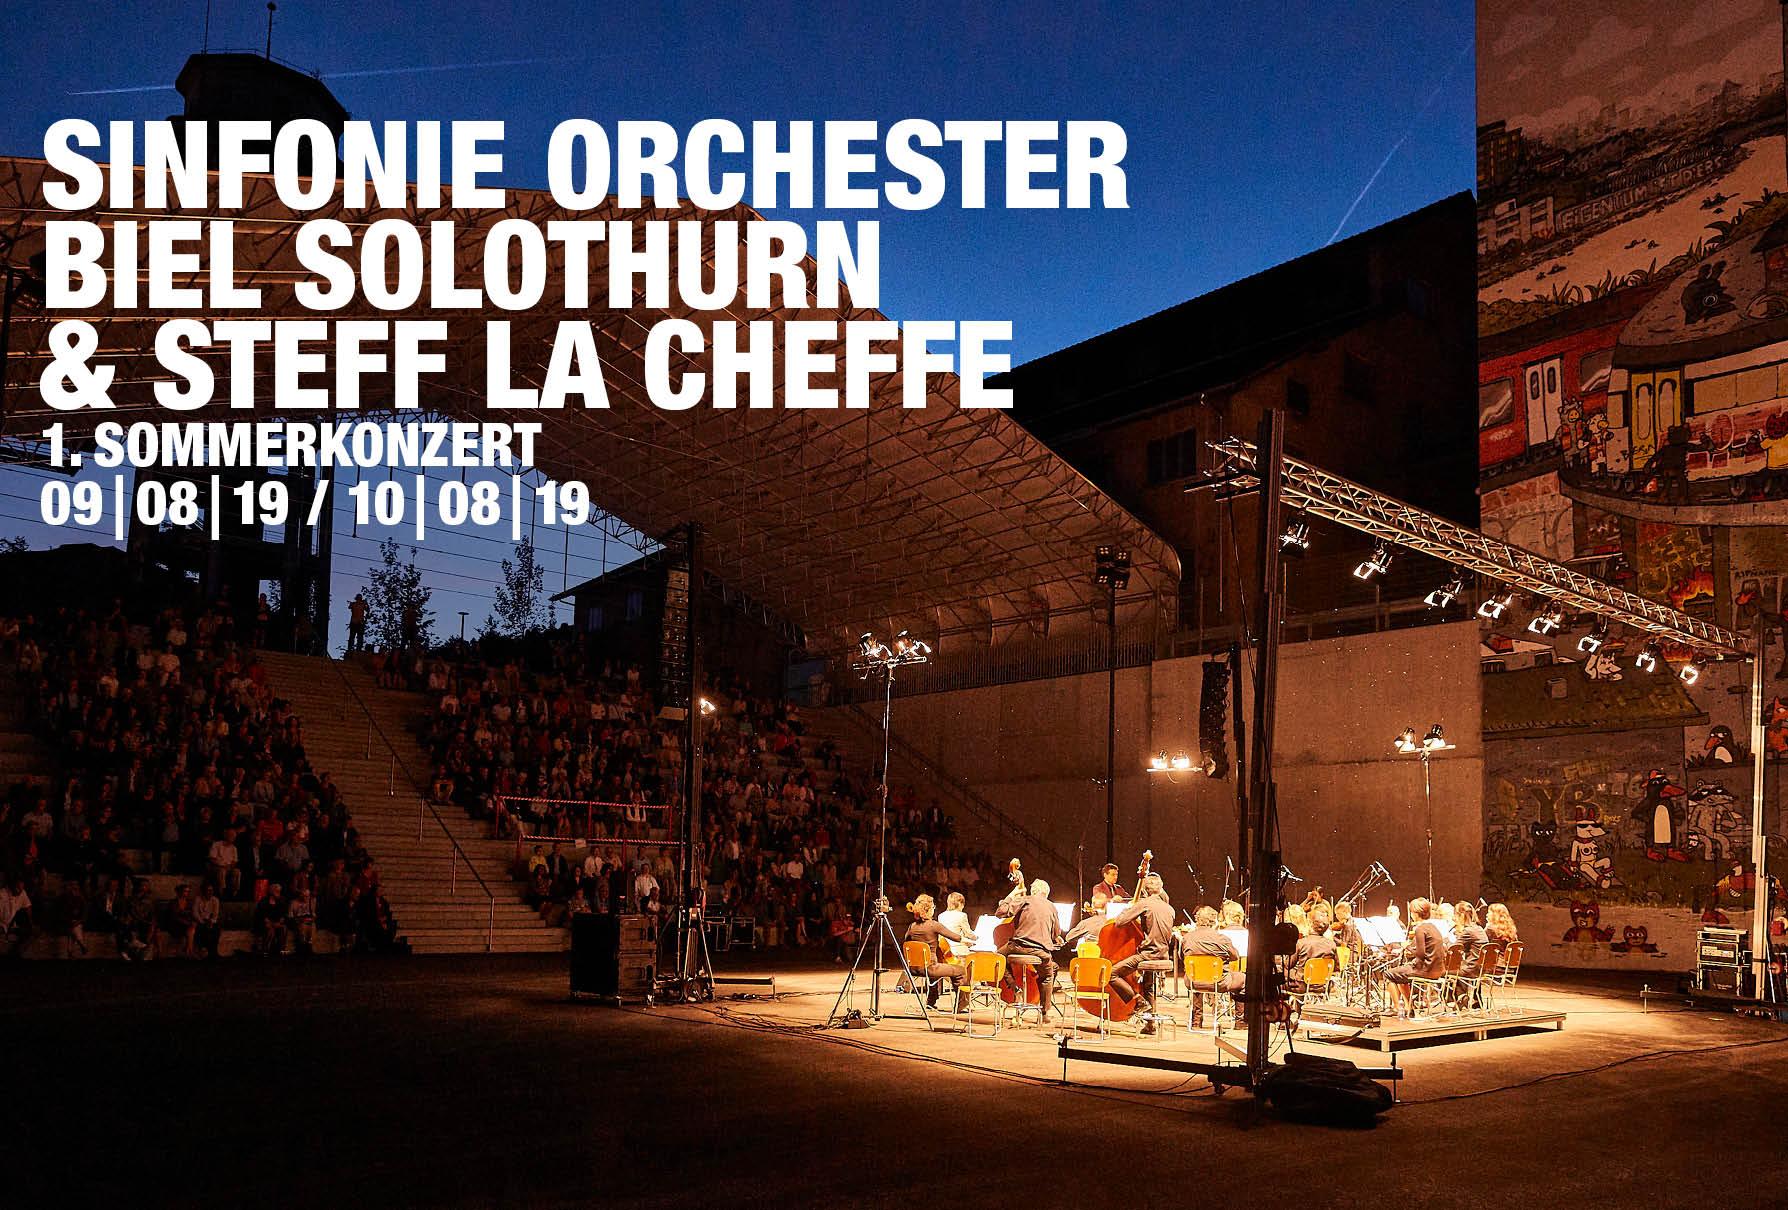 Sinfonie Orchester Biel Solothurn & Steff la Cheffe